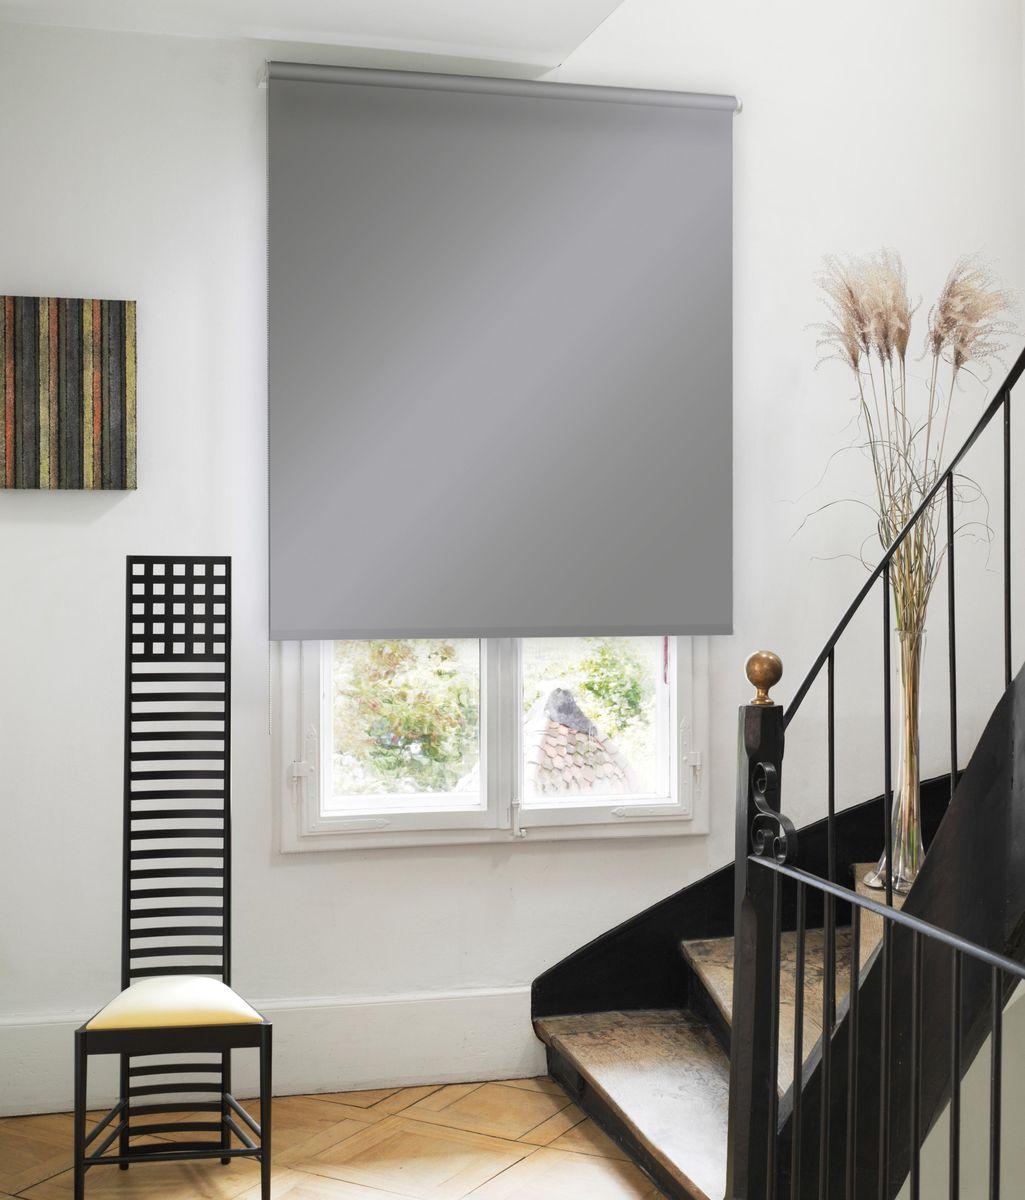 Штора рулонная Эскар, цвет: серый, ширина 120 см, высота 170 см1004900000360Рулонными шторами можно оформлять окна как самостоятельно, так и использовать в комбинации с портьерами. Это поможет предотвратить выгорание дорогой ткани на солнце и соединит функционал рулонных с красотой навесных.Преимущества применения рулонных штор для пластиковых окон:- имеют прекрасный внешний вид: многообразие и фактурность материала изделия отлично смотрятся в любом интерьере; - многофункциональны: есть возможность подобрать шторы способные эффективно защитить комнату от солнца, при этом о на не будет слишком темной. - Есть возможность осуществить быстрый монтаж. ВНИМАНИЕ! Размеры ширины изделия указаны по ширине ткани!Во время эксплуатации не рекомендуется полностью разматывать рулон, чтобы не оторвать ткань от намоточного вала.В случае загрязнения поверхности ткани, чистку шторы проводят одним из способов, в зависимости от типа загрязнения: легкое поверхностное загрязнение можно удалить при помощи канцелярского ластика; чистка от пыли производится сухим методом при помощи пылесоса с мягкой щеткой-насадкой; для удаления пятна используйте мягкую губку с пенообразующим неагрессивным моющим средством или пятновыводитель на натуральной основе (нельзя применять растворители).